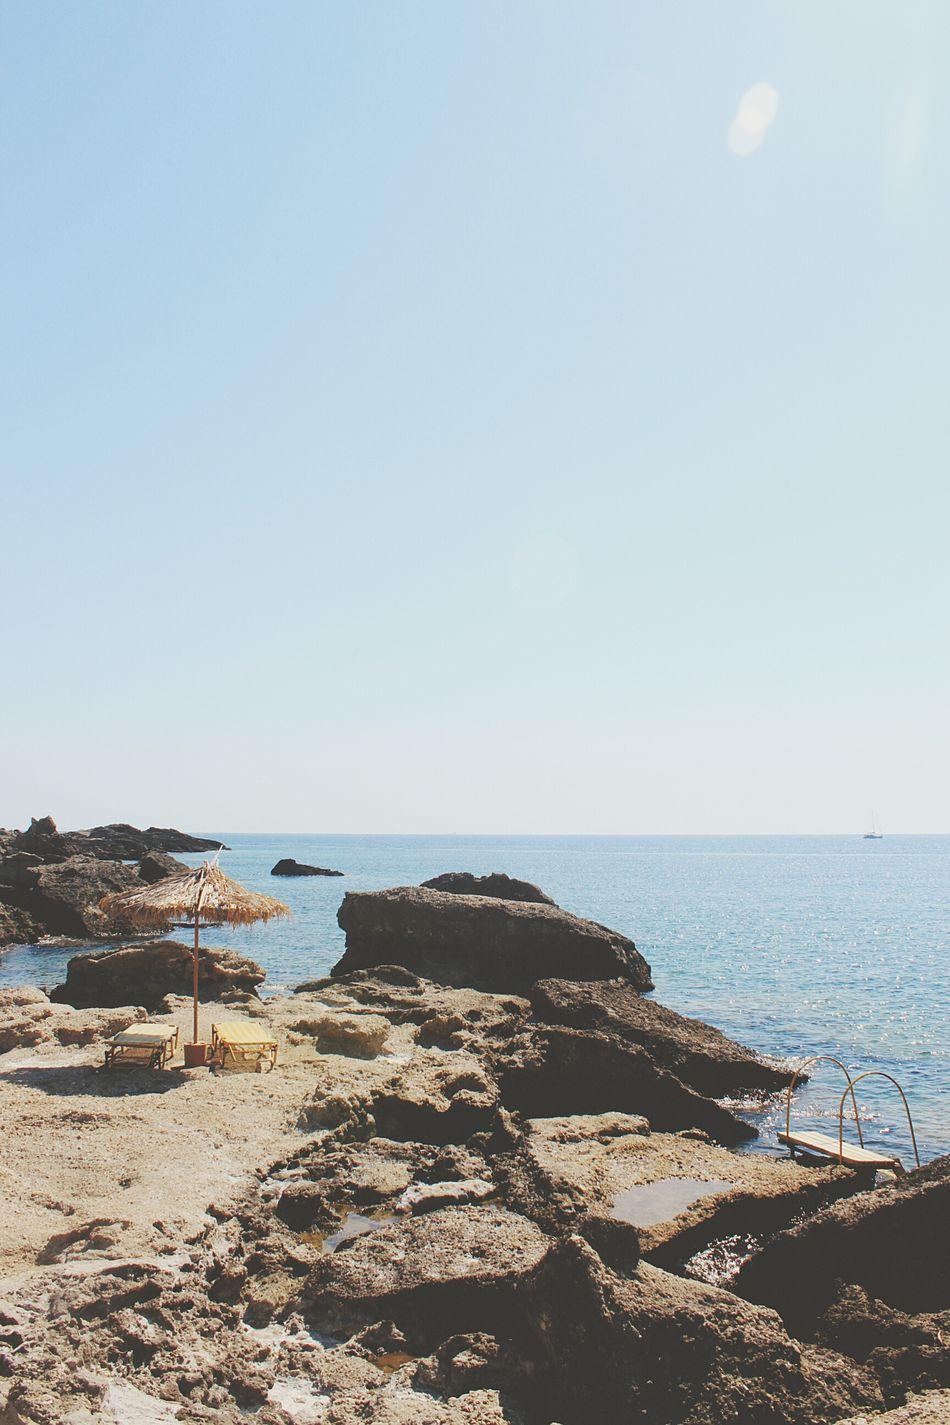 Rocky beach, Rhodes Greece Rhodes Rhodos Griekenland Greece Beach Stonebeach Water Blue Ocean Chillspot Diving Snorkeling Fish Vis Nature